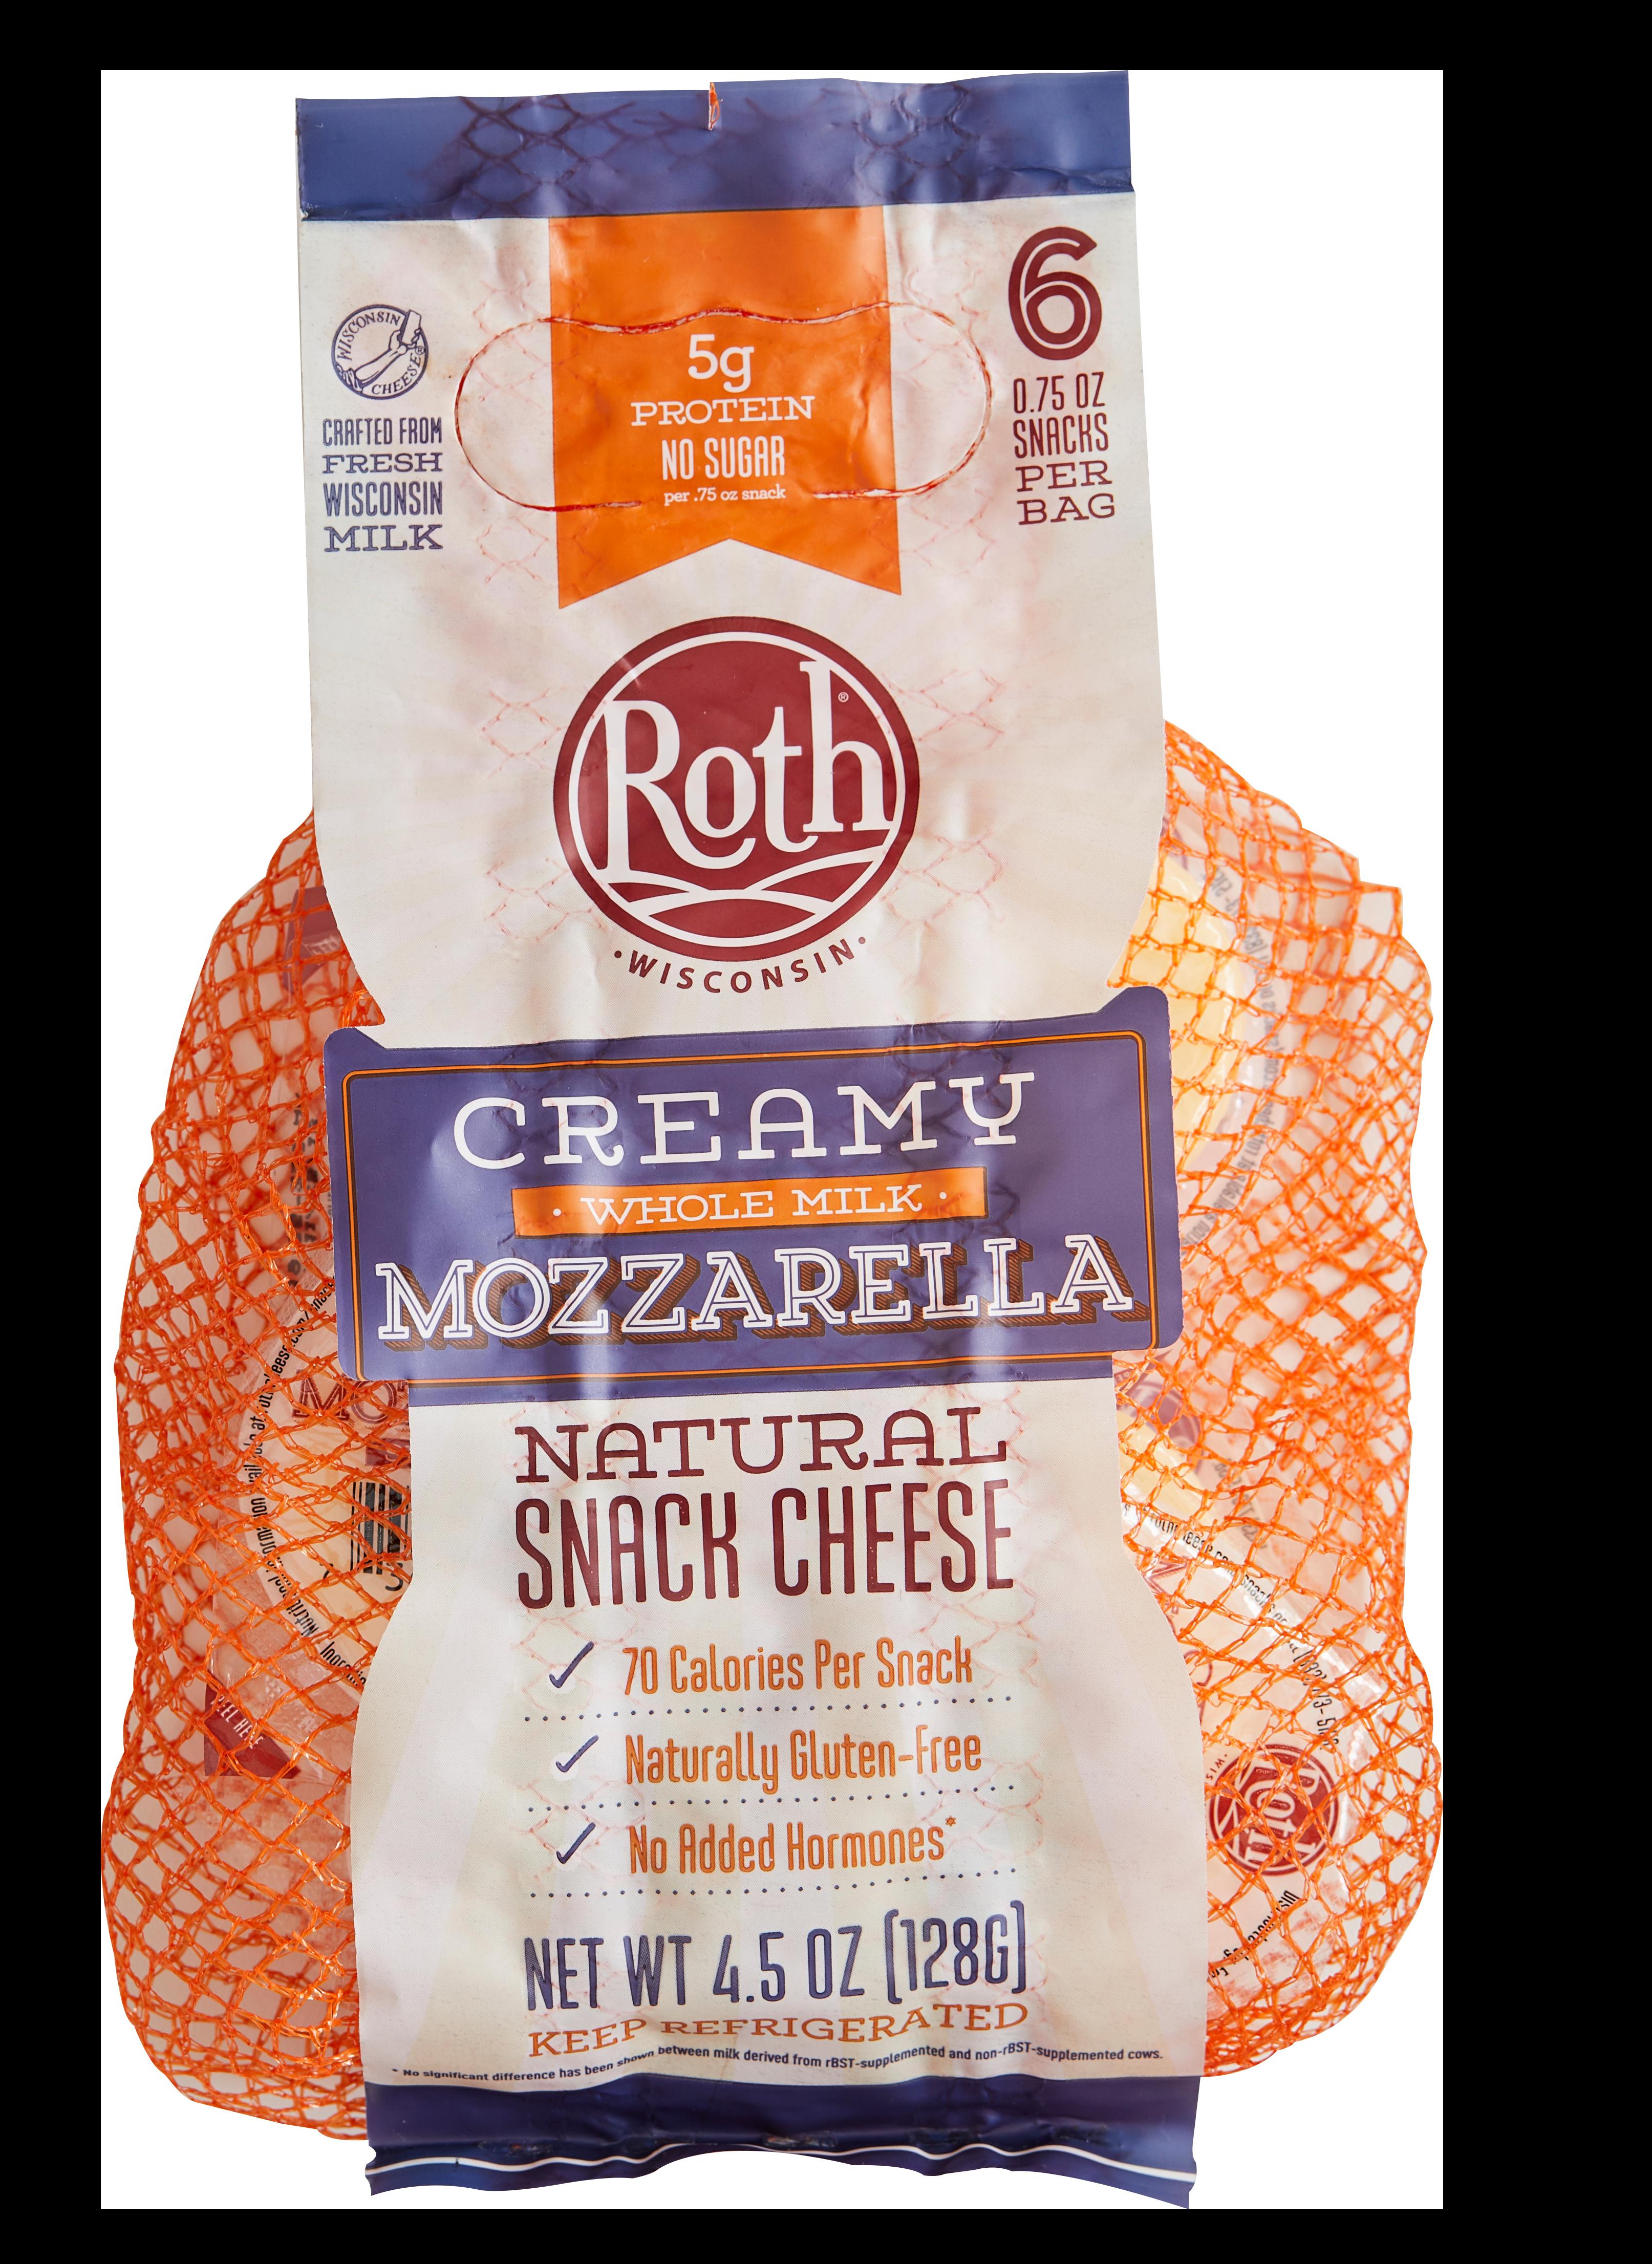 Creamy Mozzarella Snack Cheese